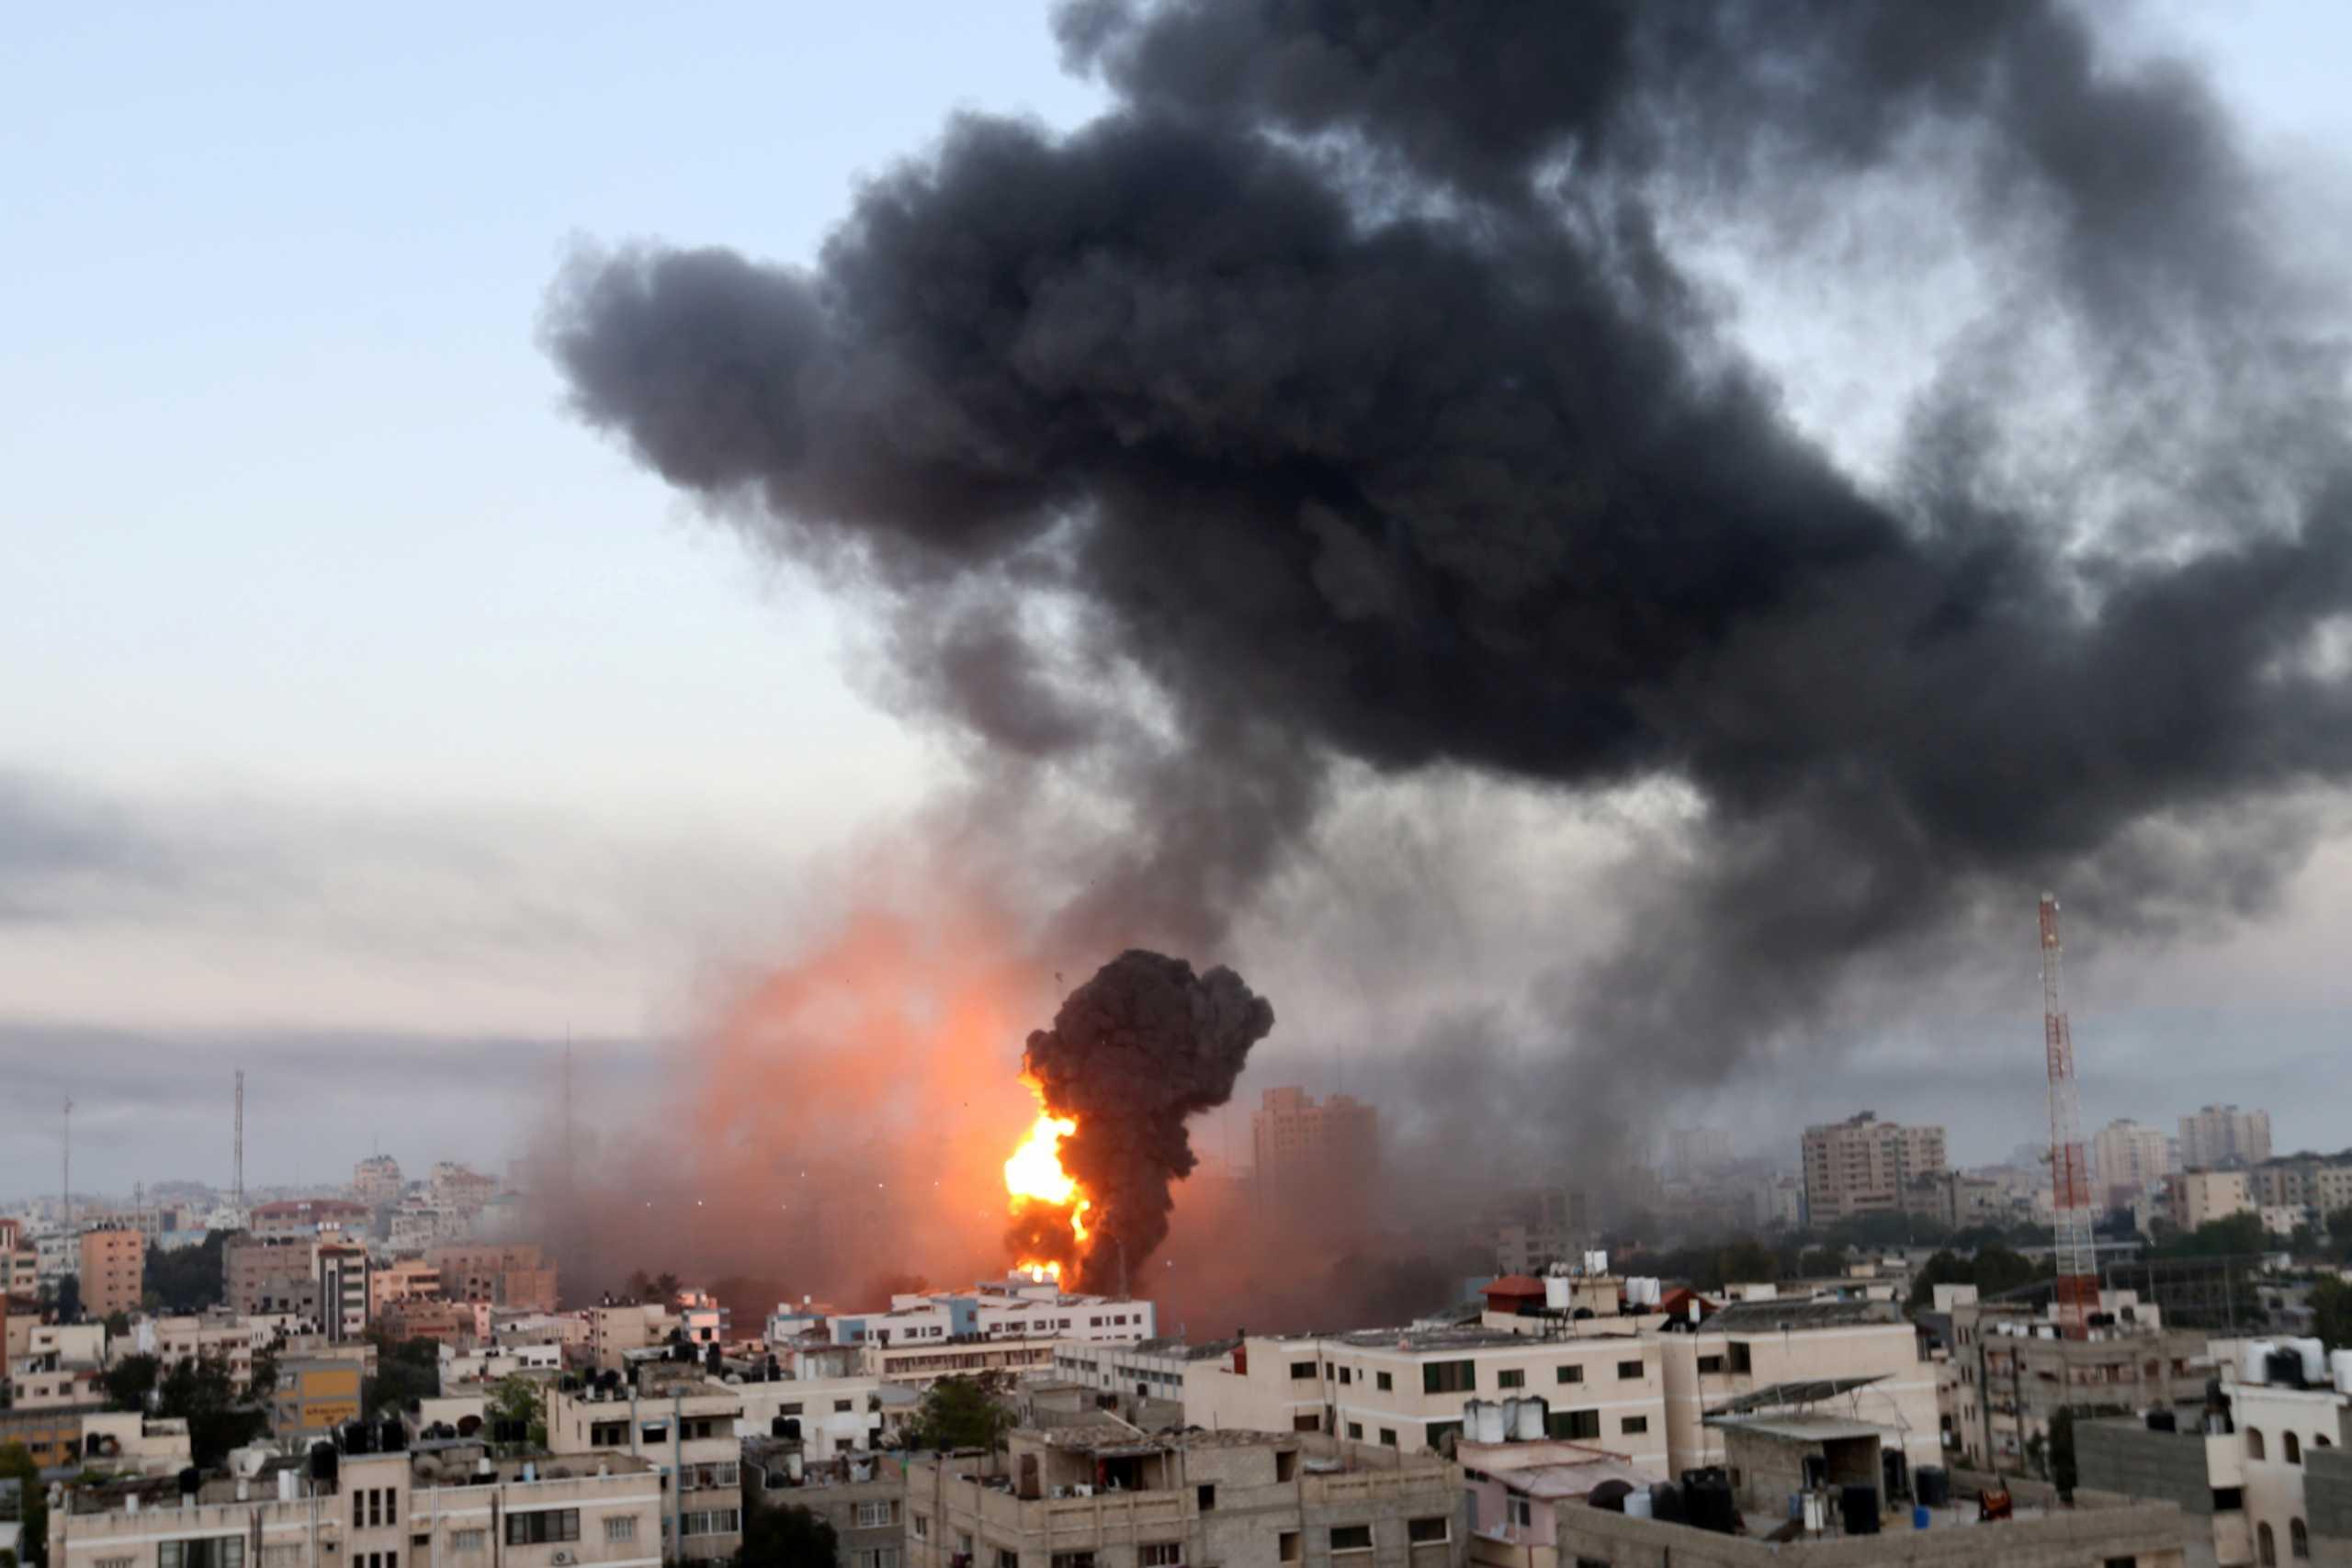 Διεθνές Ποινικό Δικαστήριο για Μεσανατολικό: Πιθανό να διαπράττονται εγκλήματα πολέμου